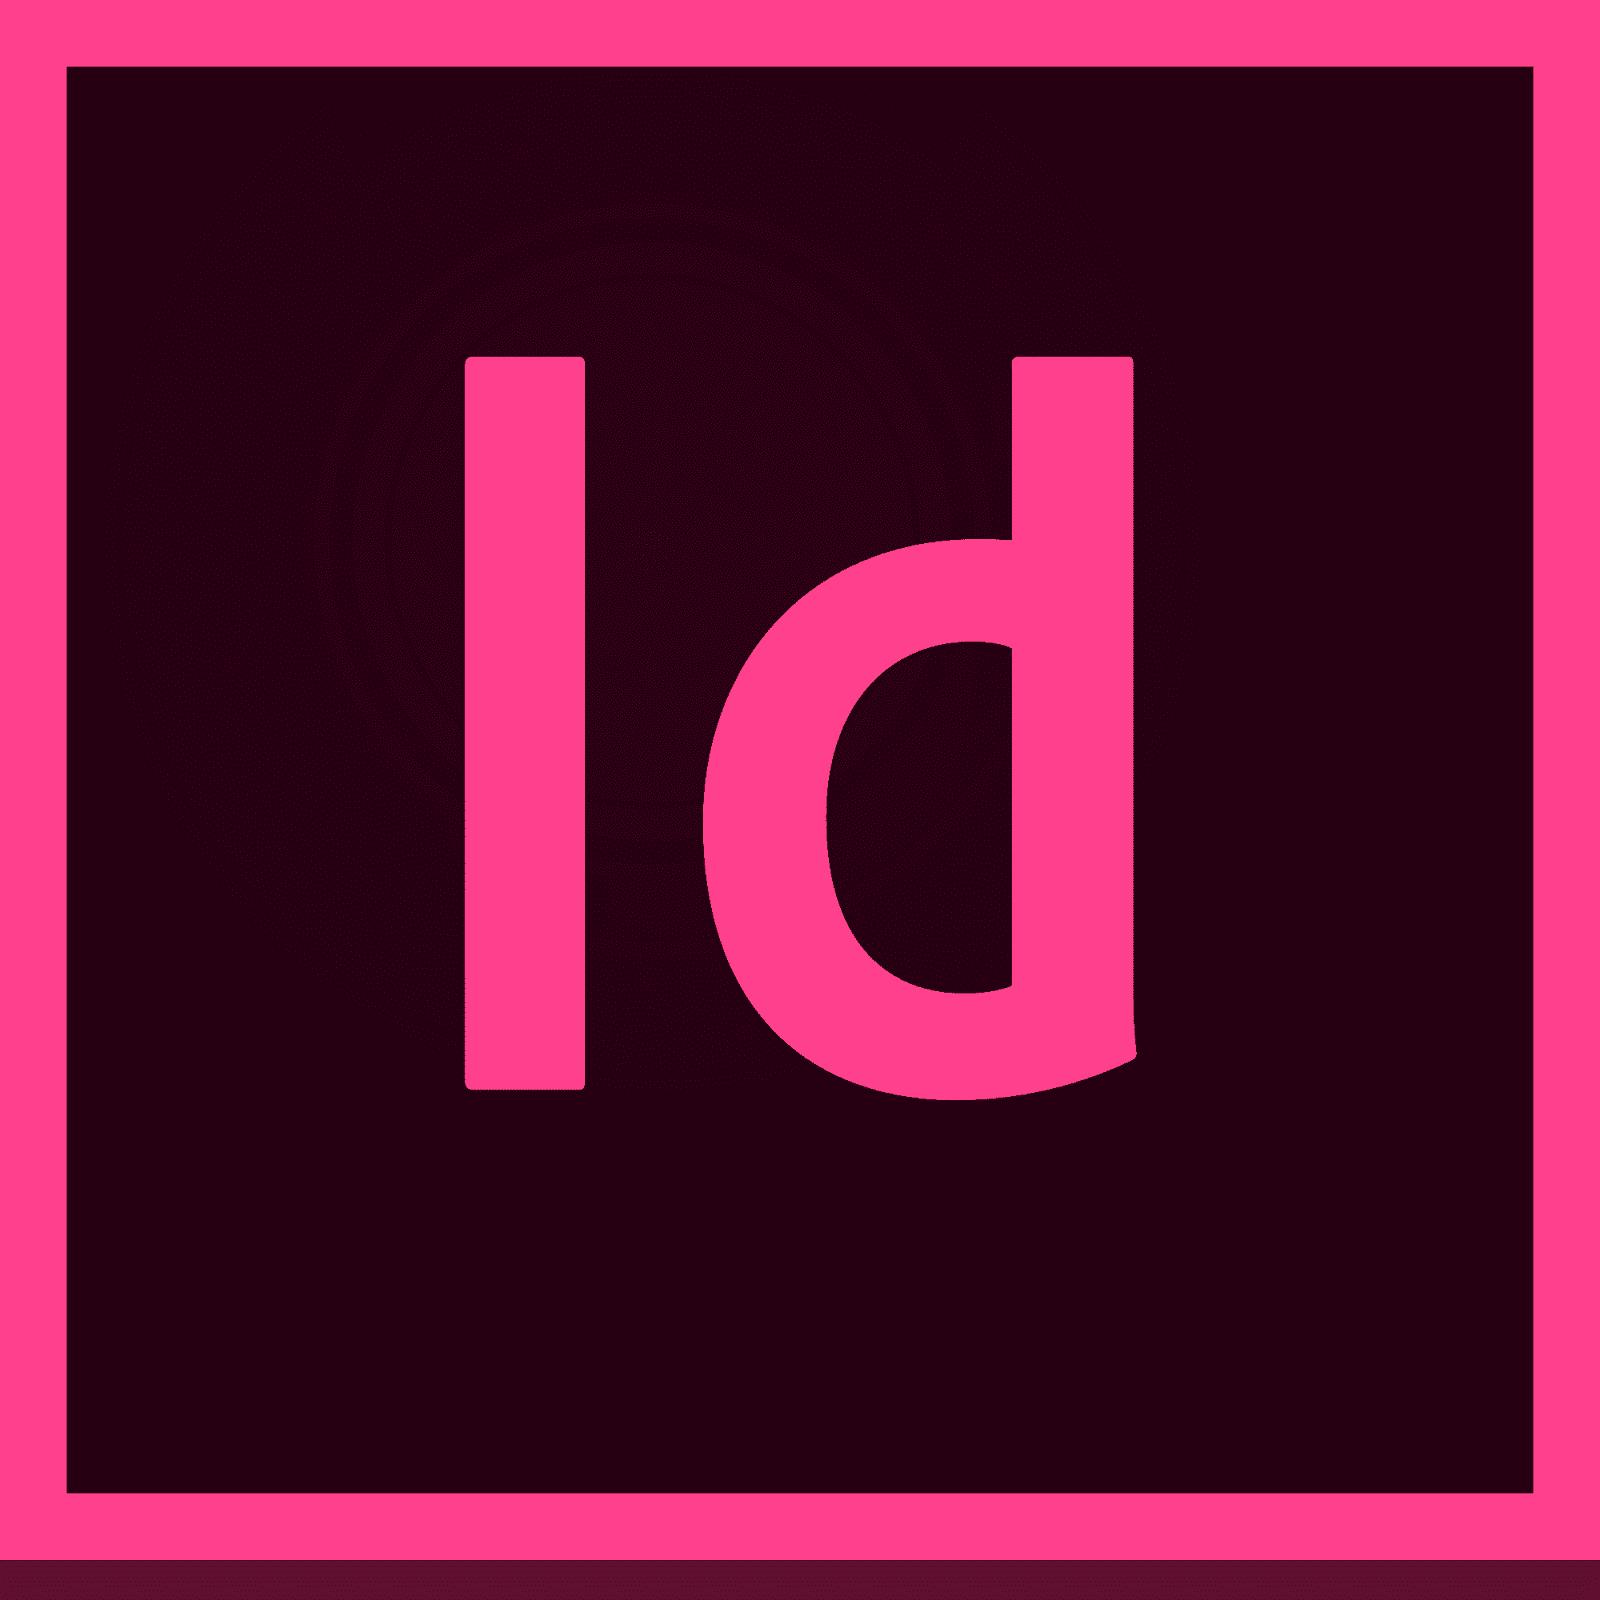 Adobe InDesign Software Logo